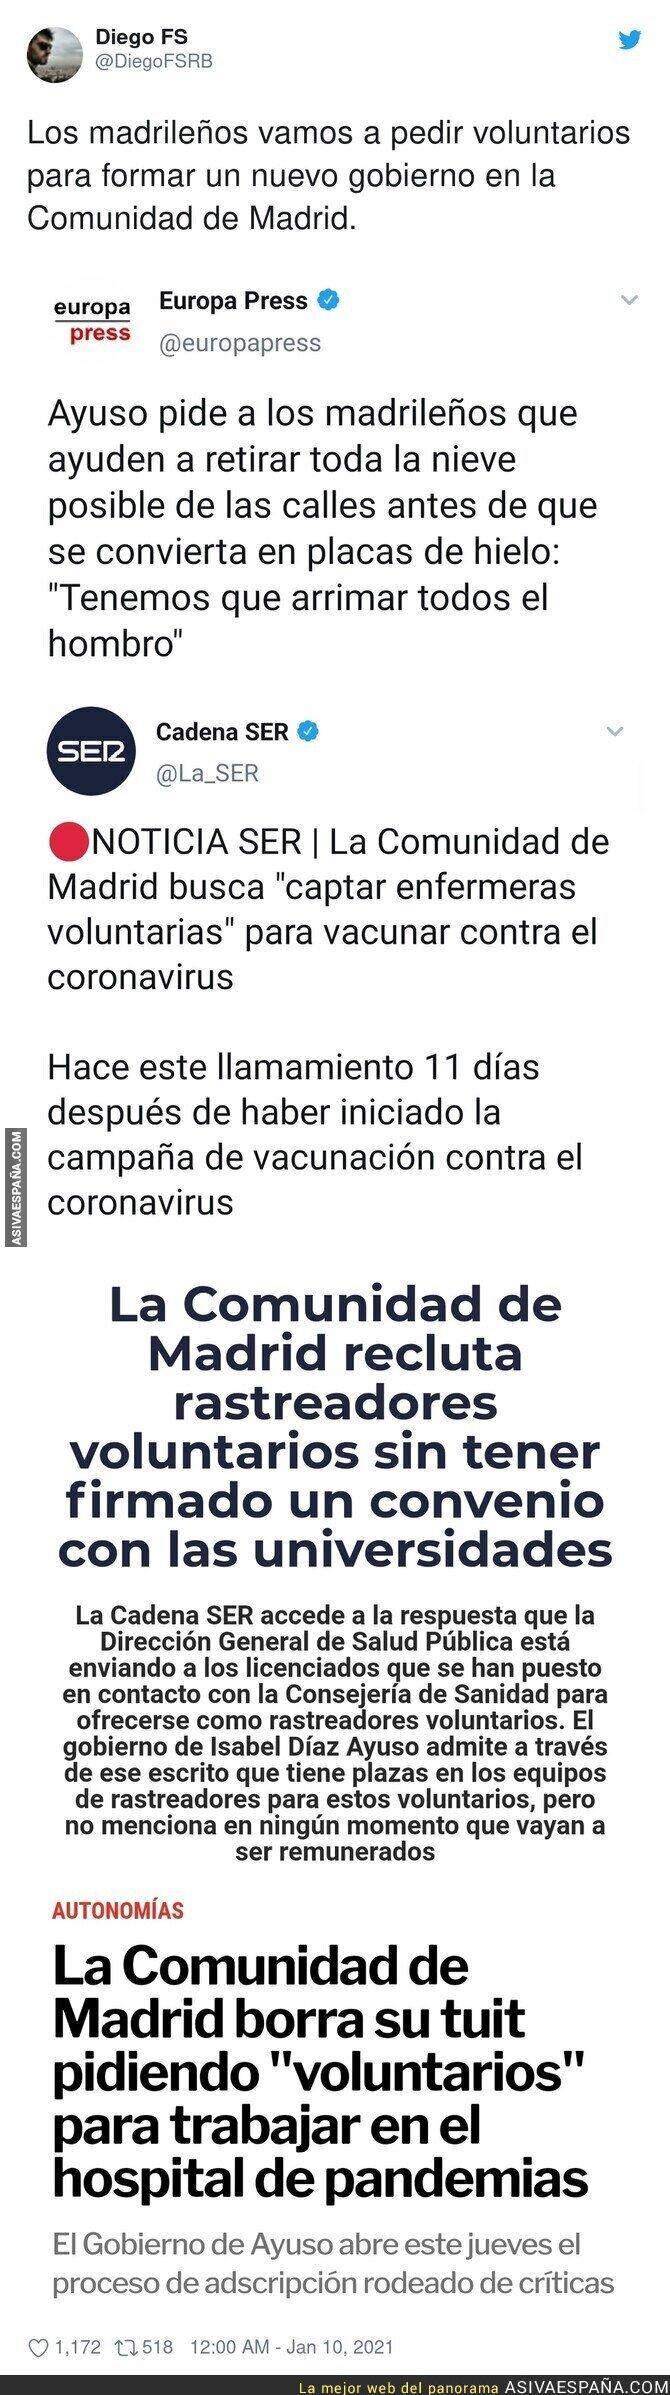 543929 - El PP busca gente que trabaje gratis en Madrid